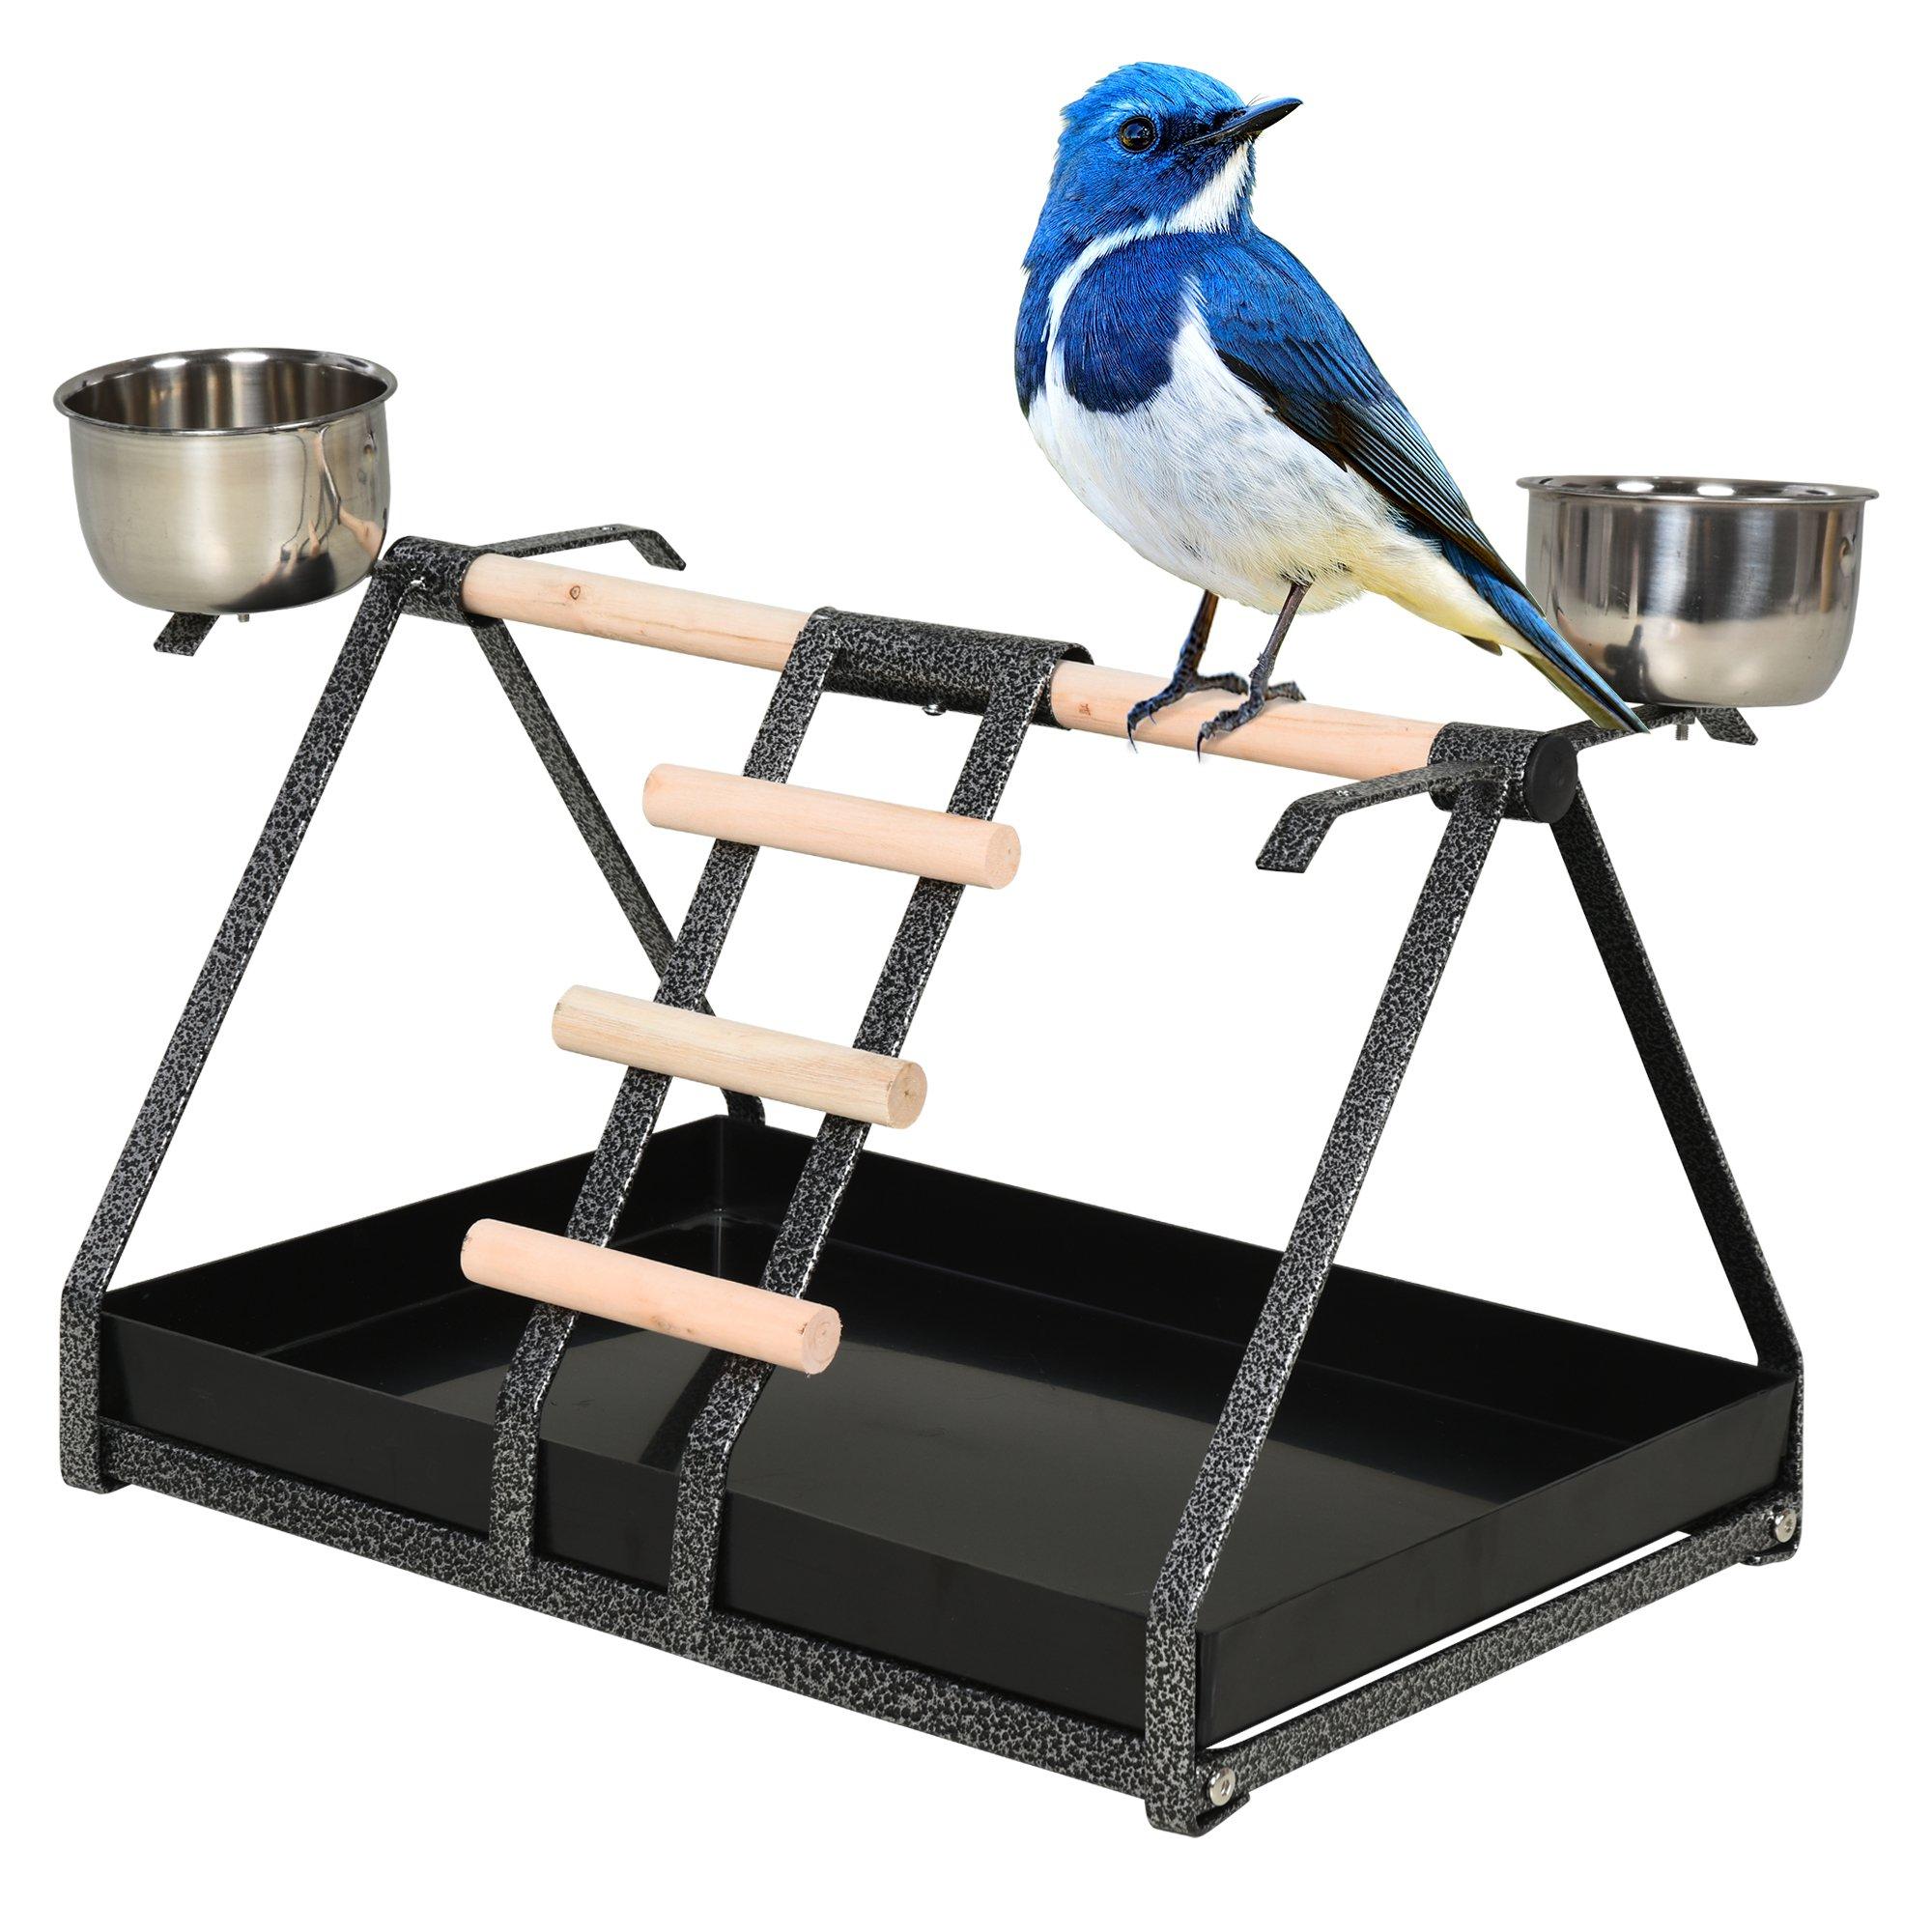 PawHut Birds Stainless Steel Feeder w/ Fir Wood Perch